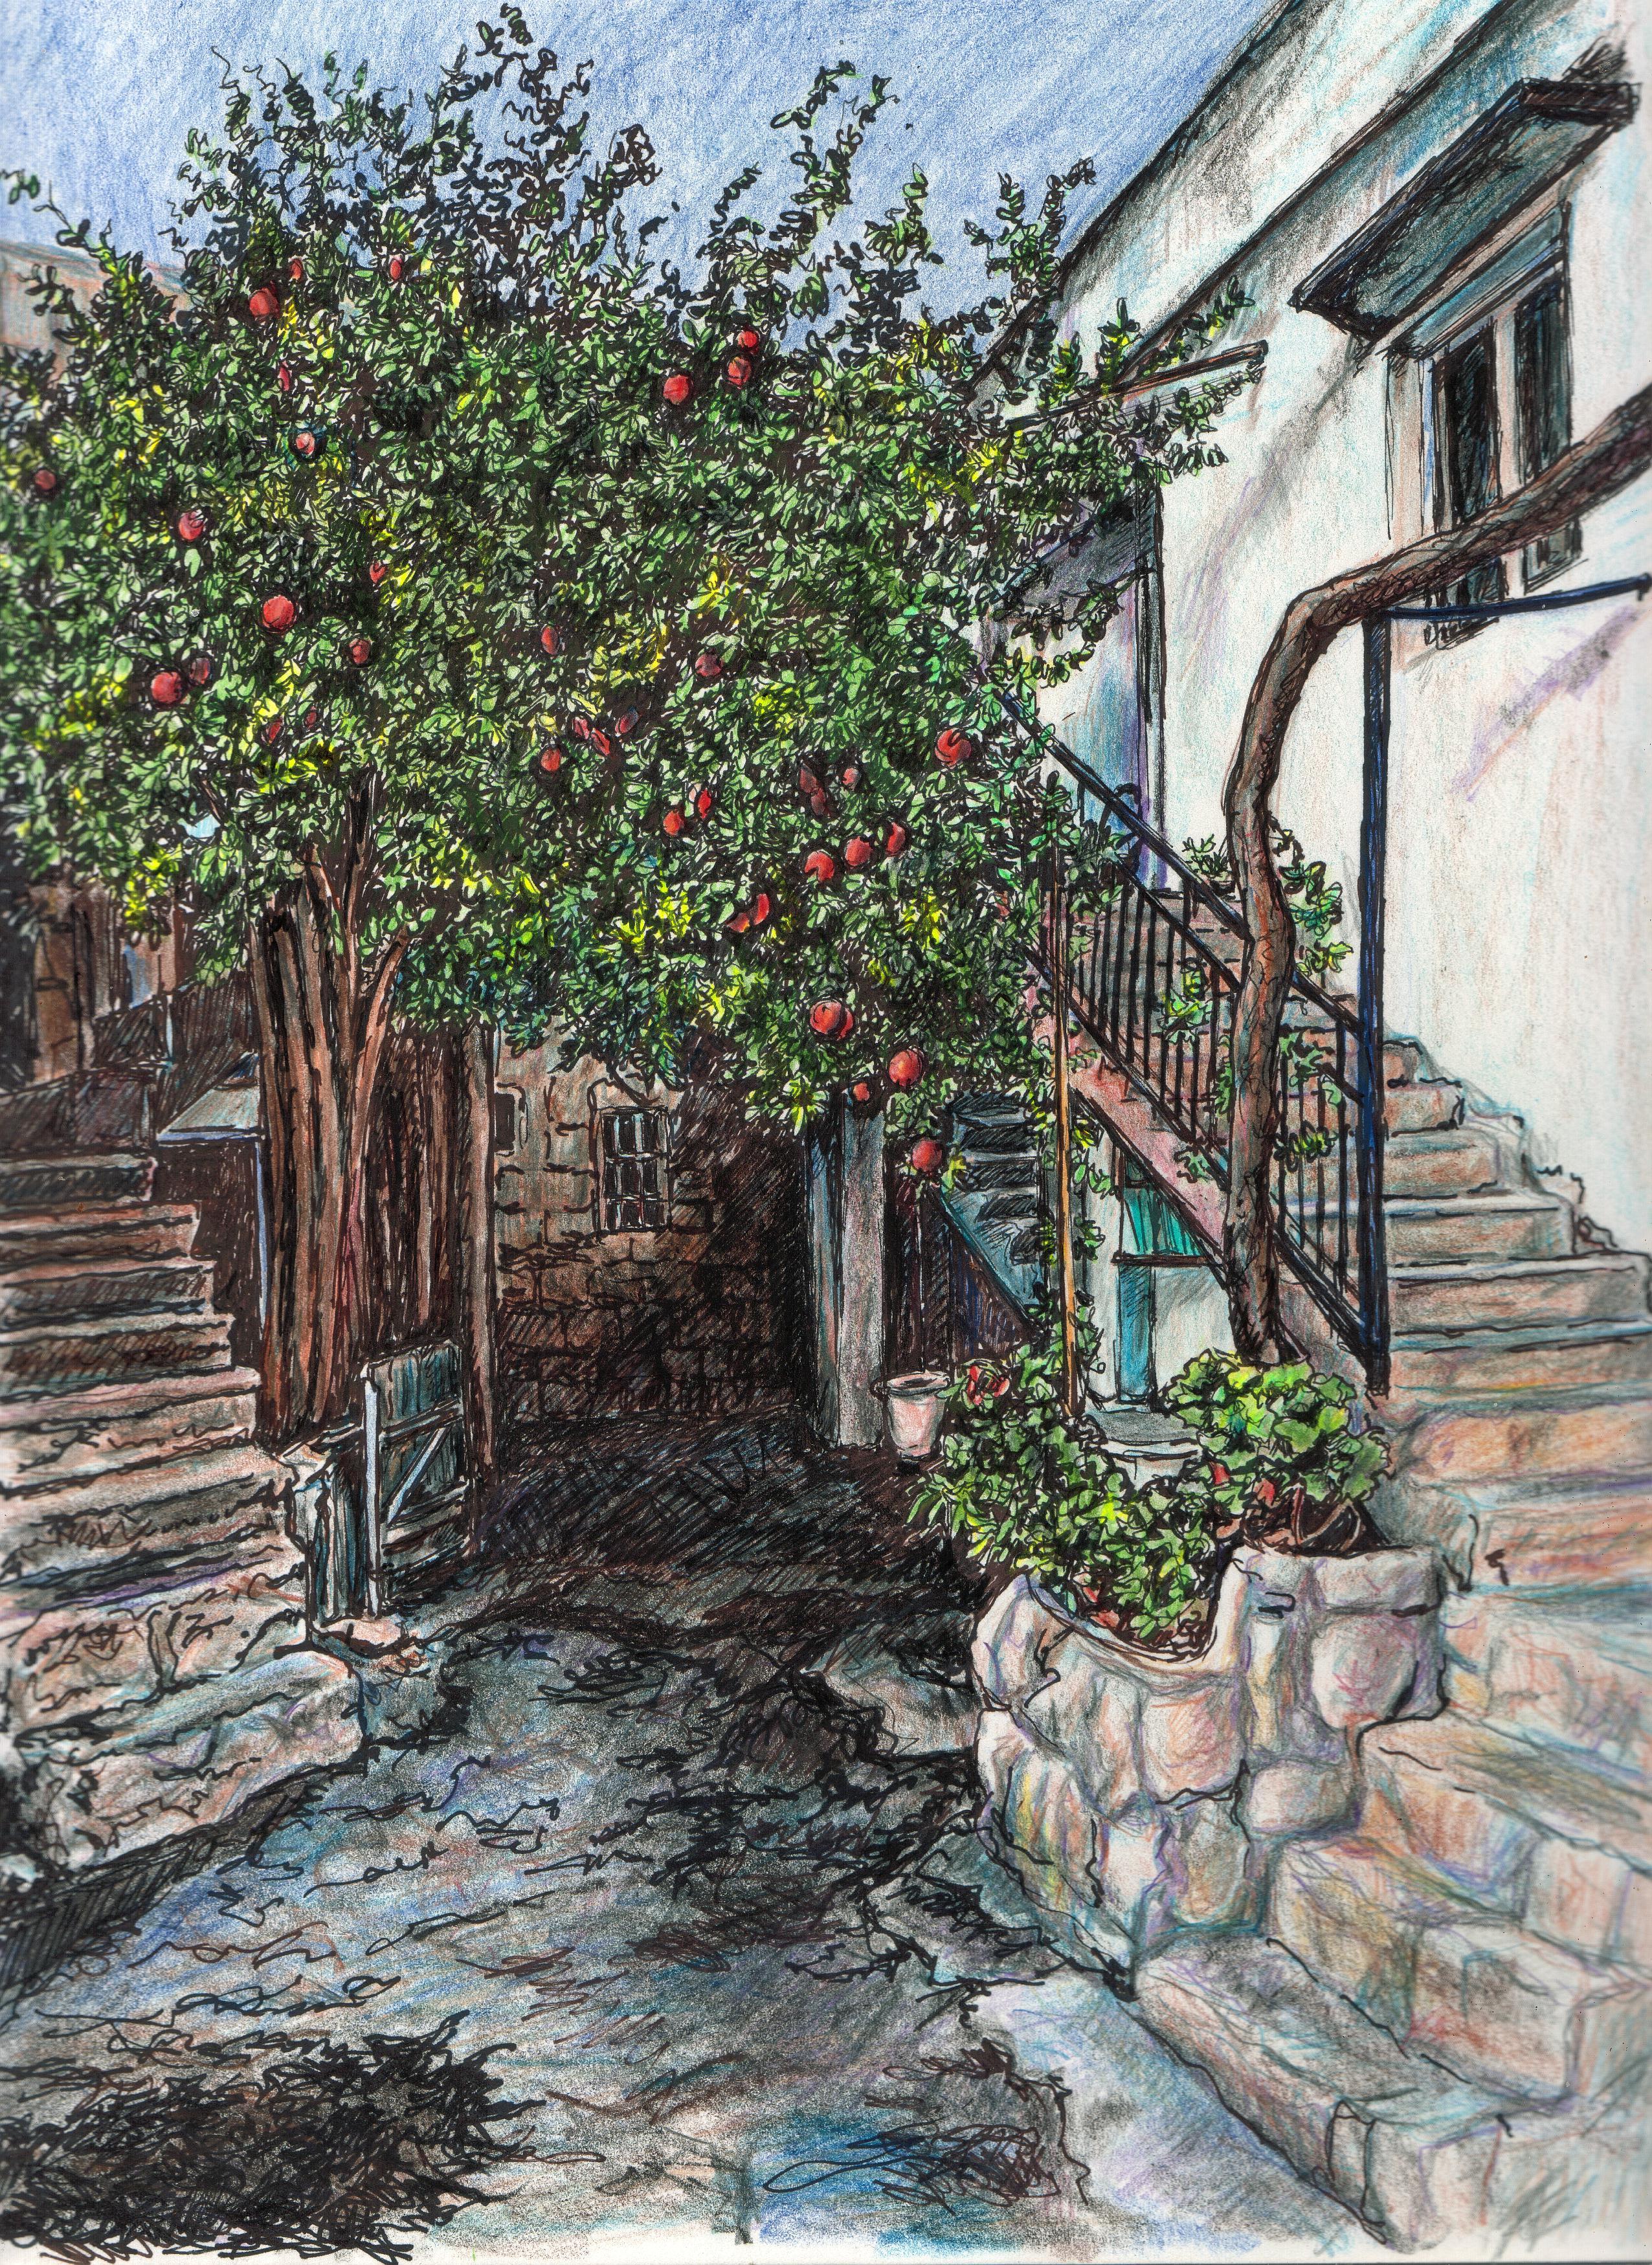 Pomegranate tree in Peki'in